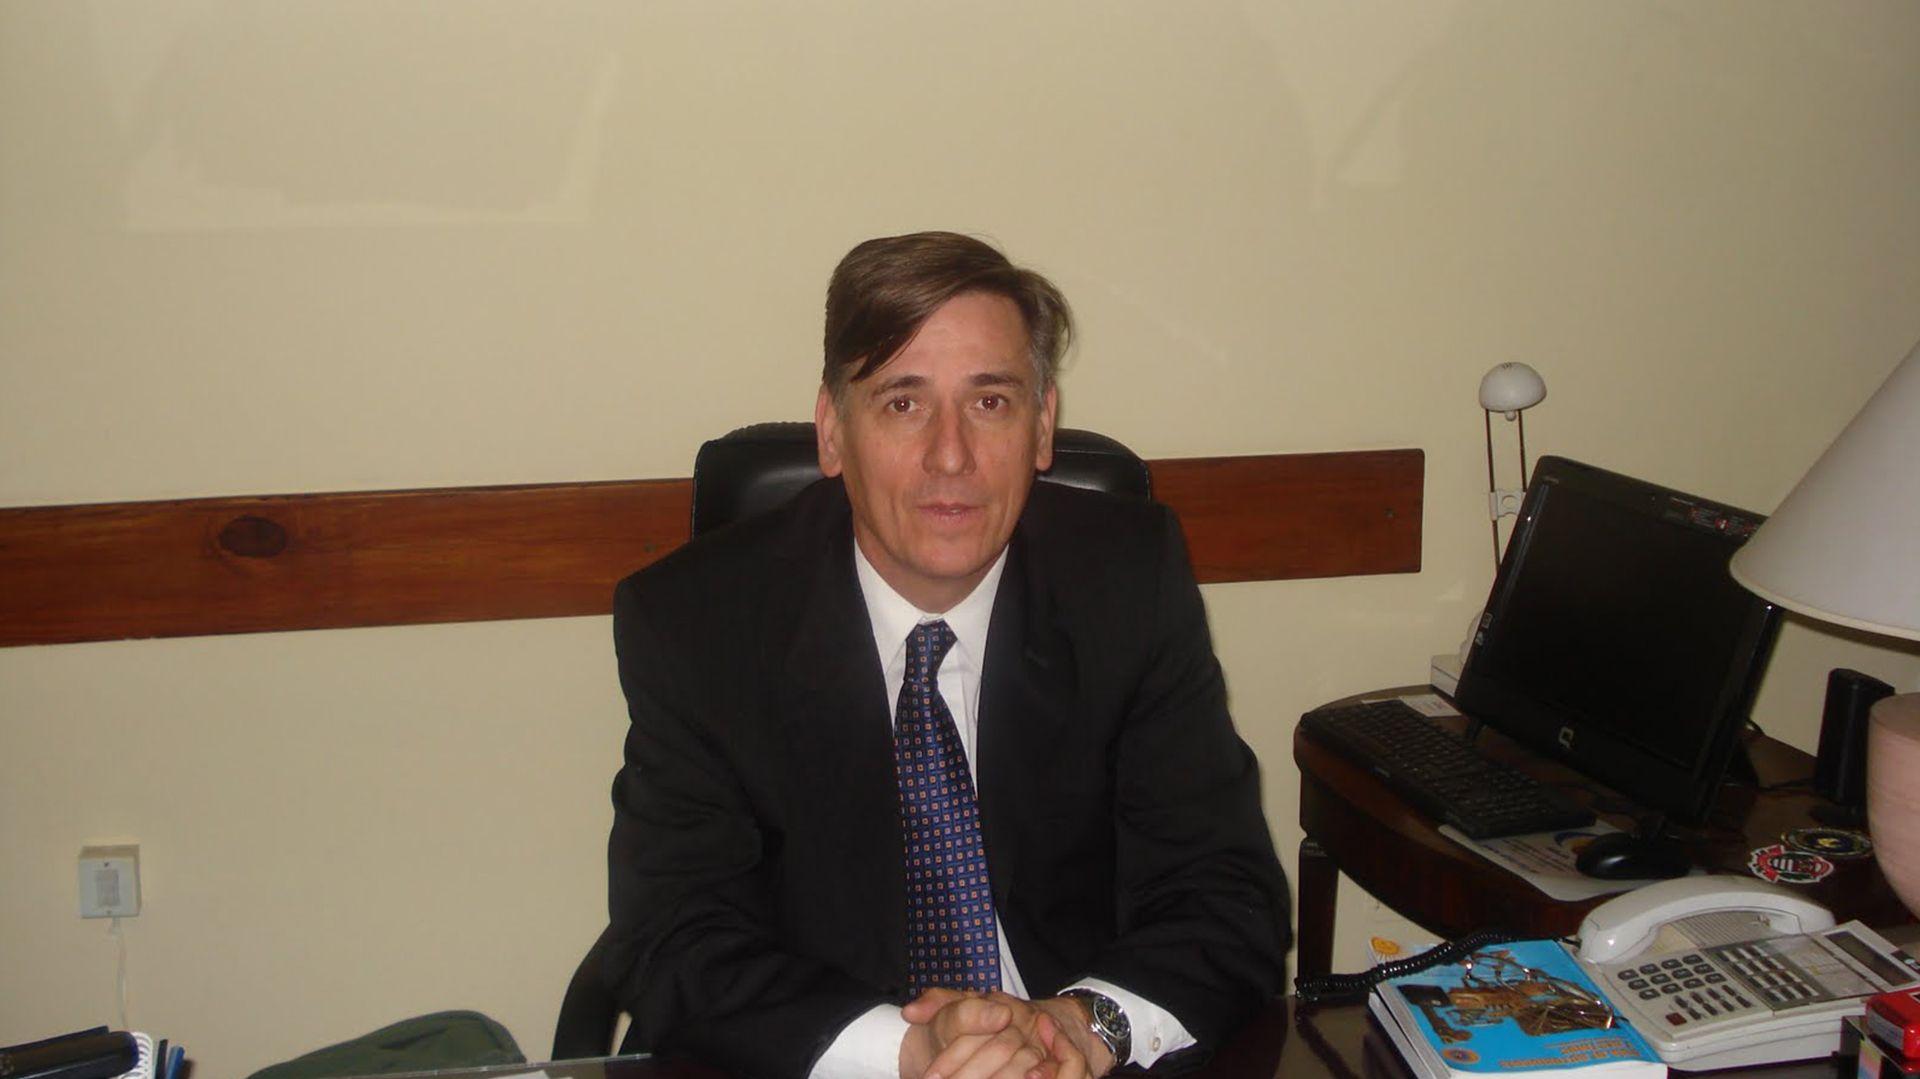 José Pedro Potocar